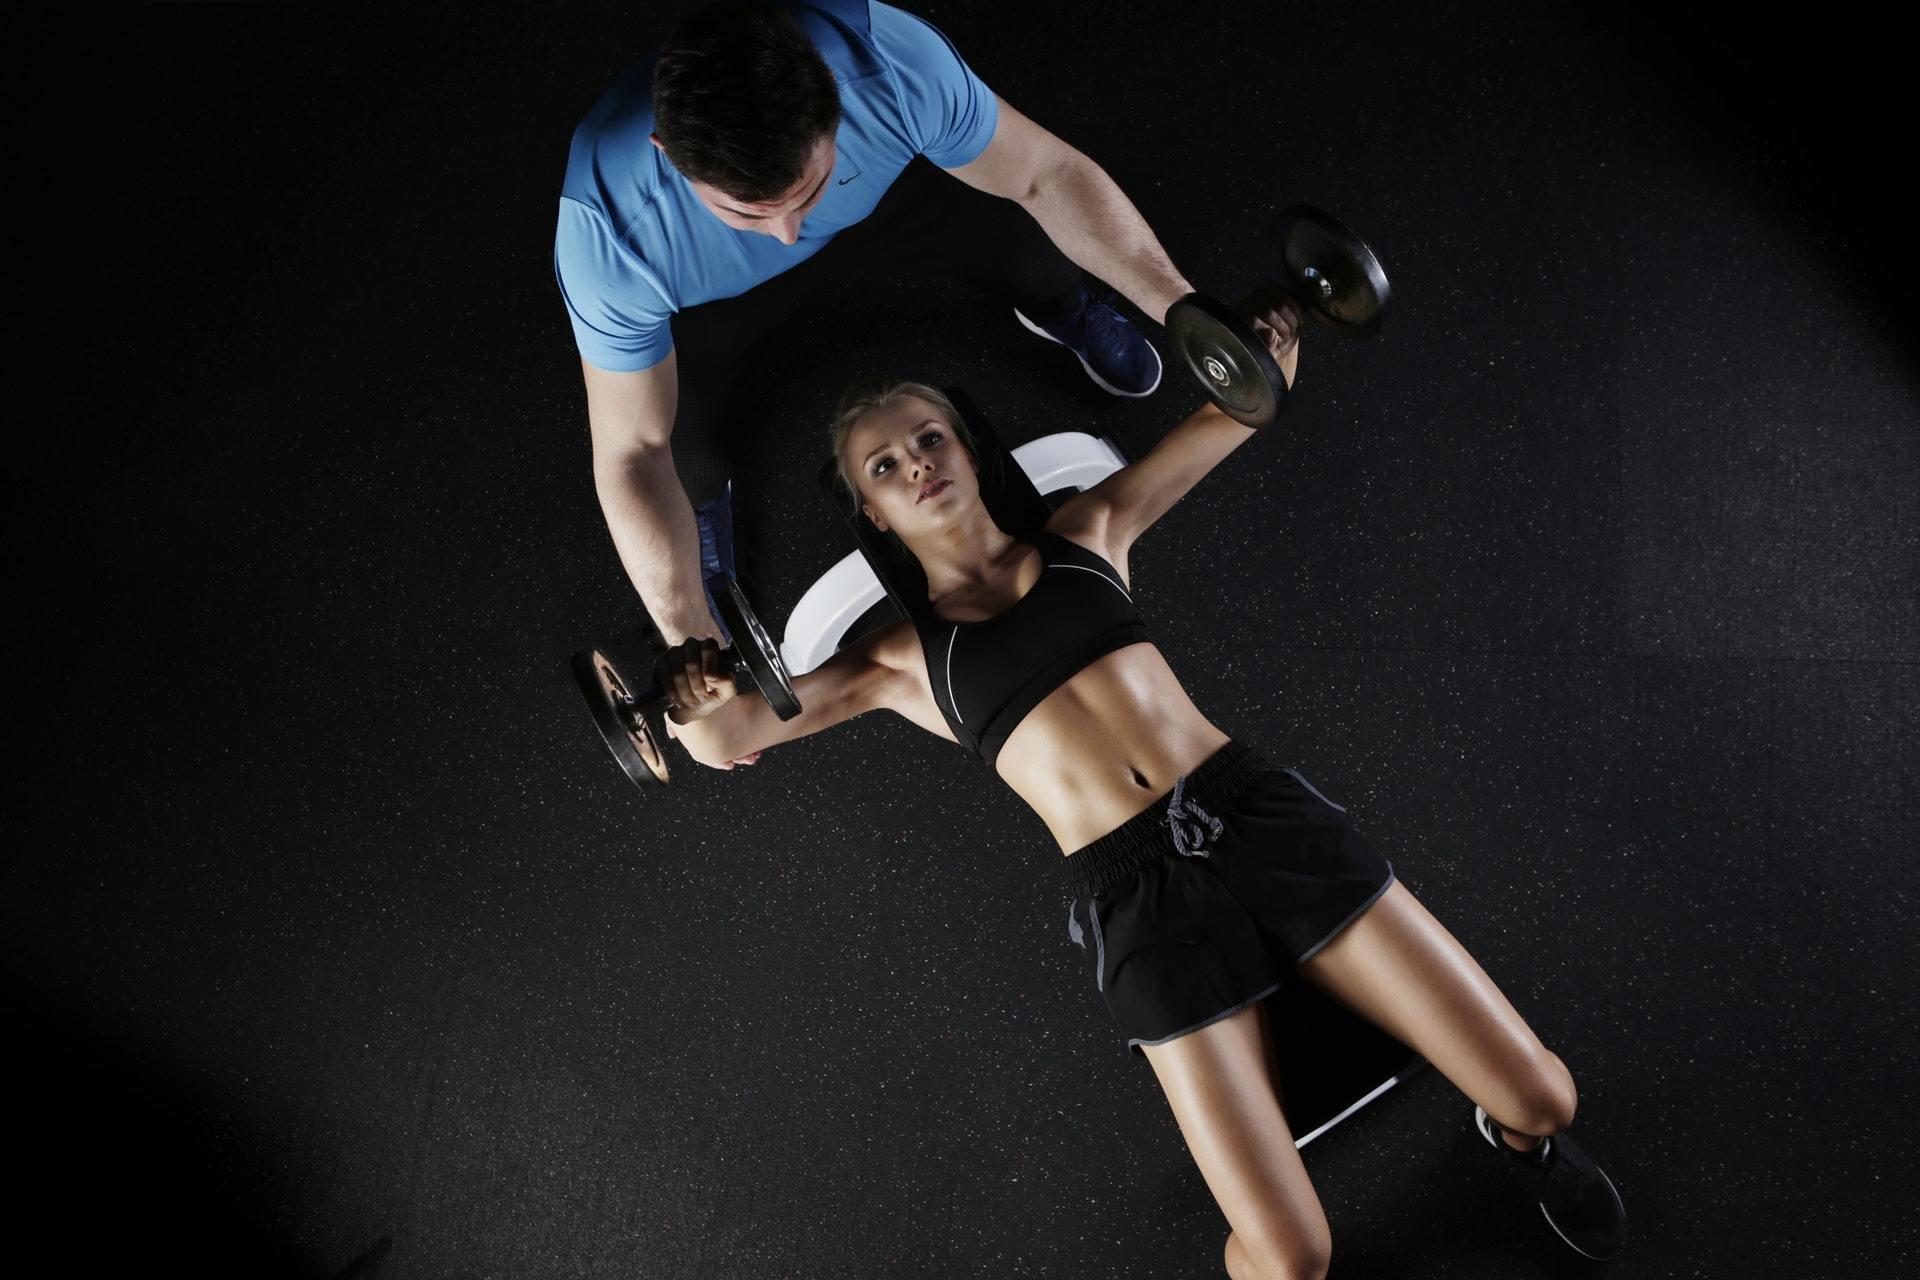 Mobbing w branży fitness - jak ustrzegać się złych praktyk w firmie?